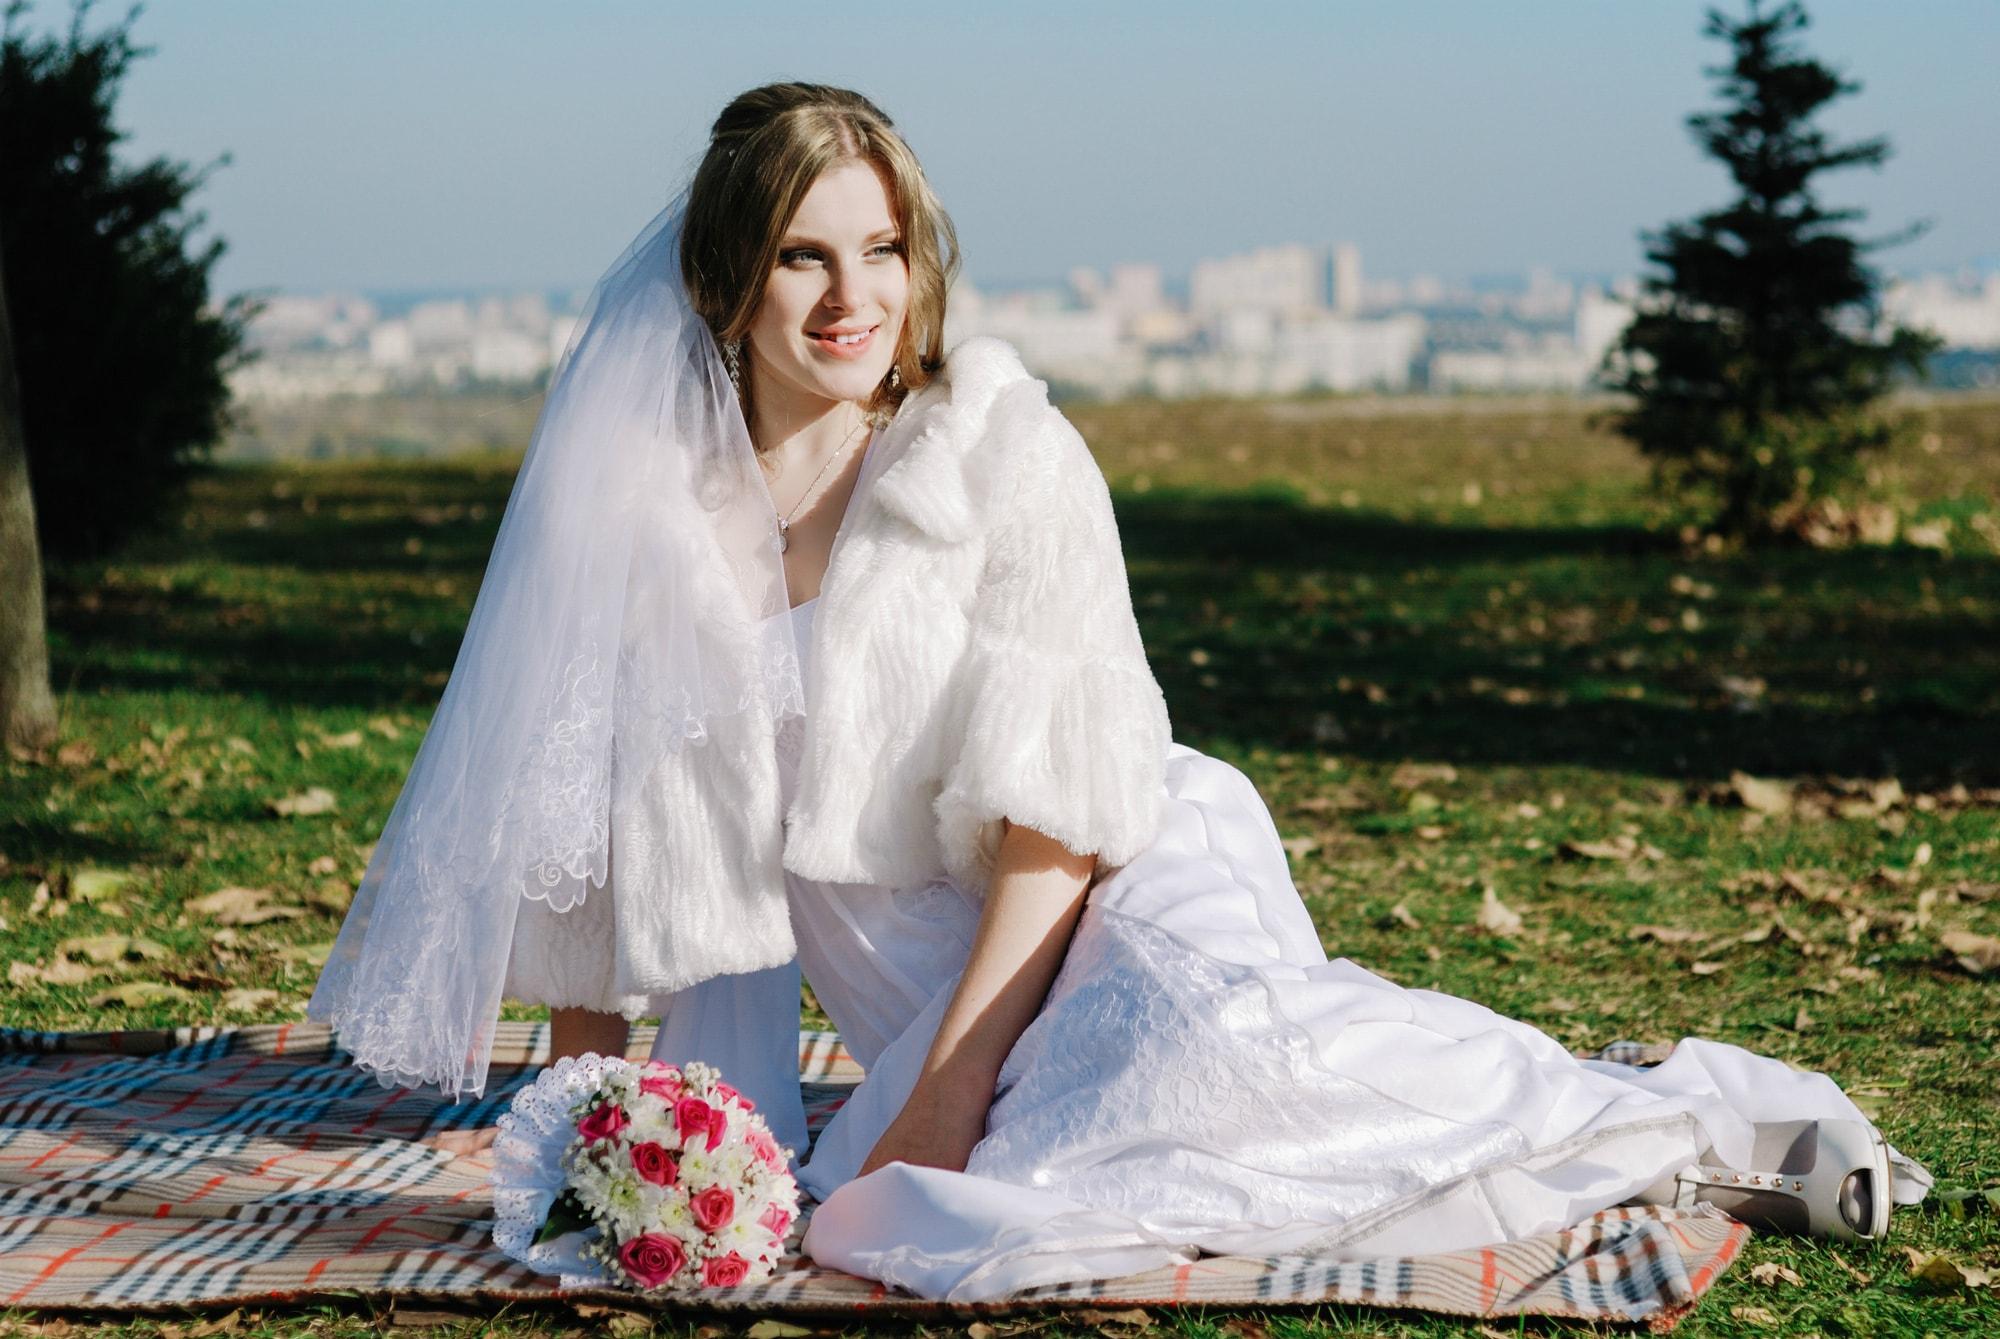 Невеста отдыхает на пледе - Фотограф Киев - Женя Лайт